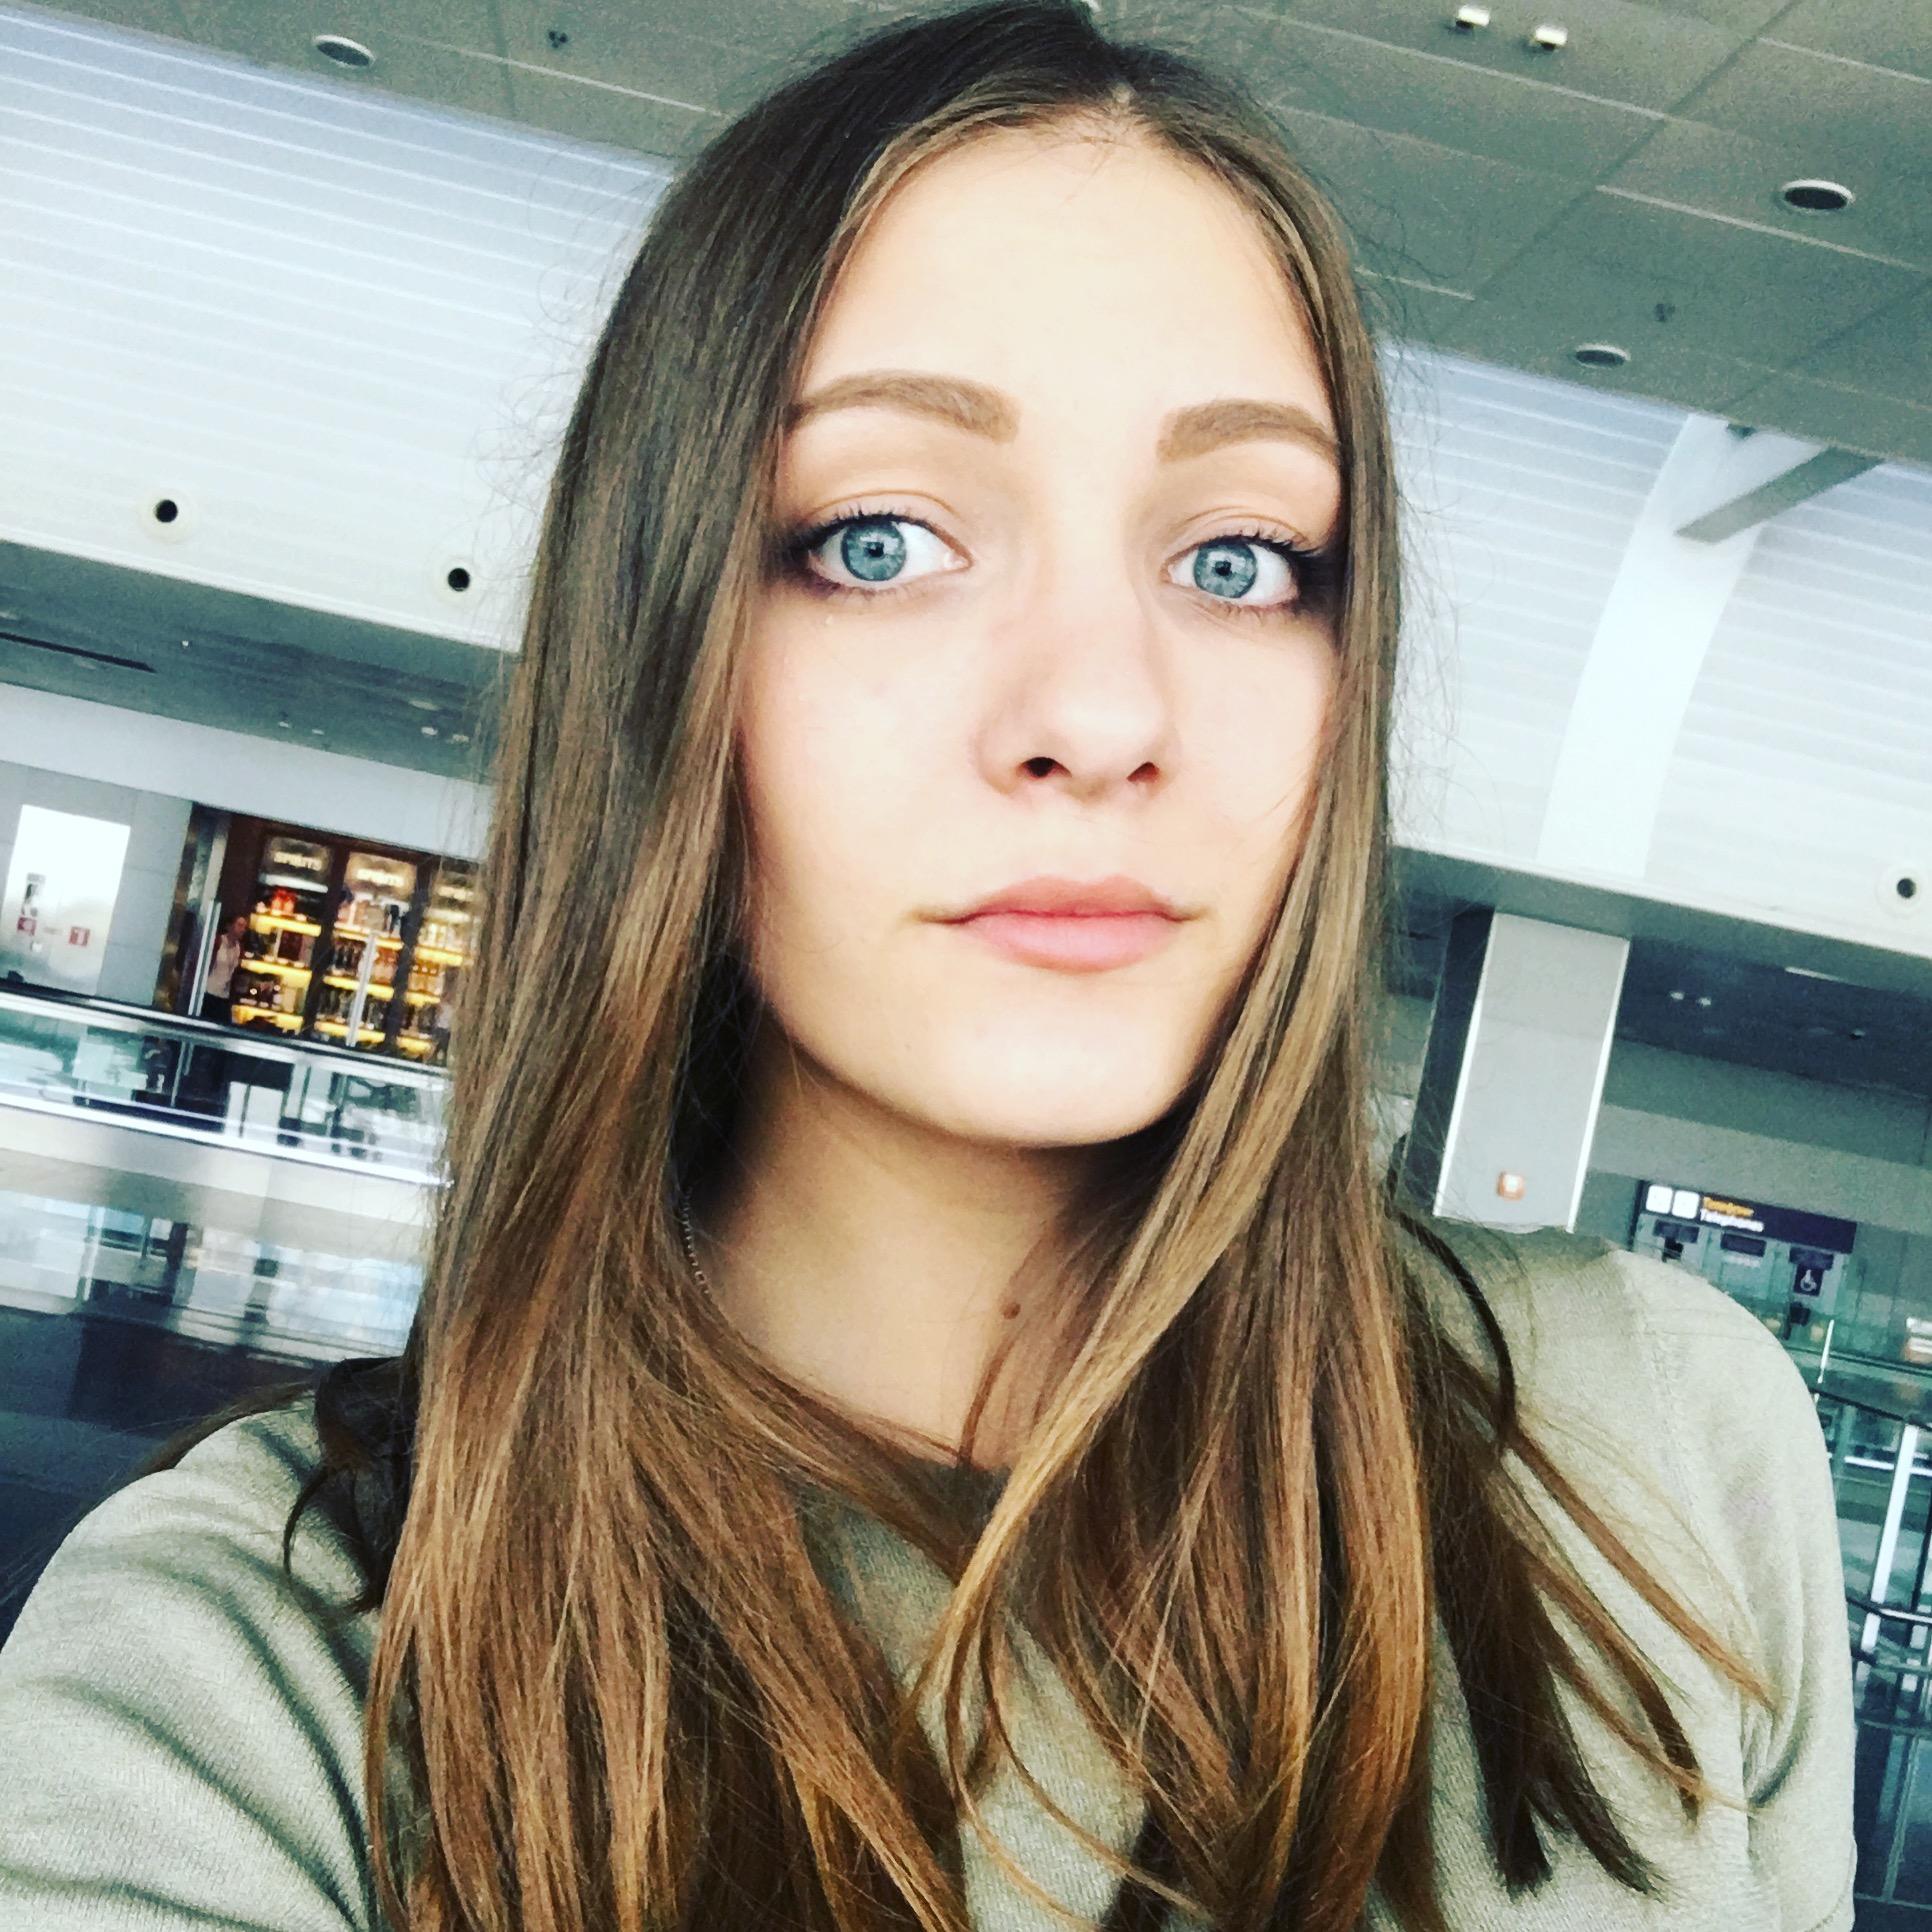 Olya Suvorova